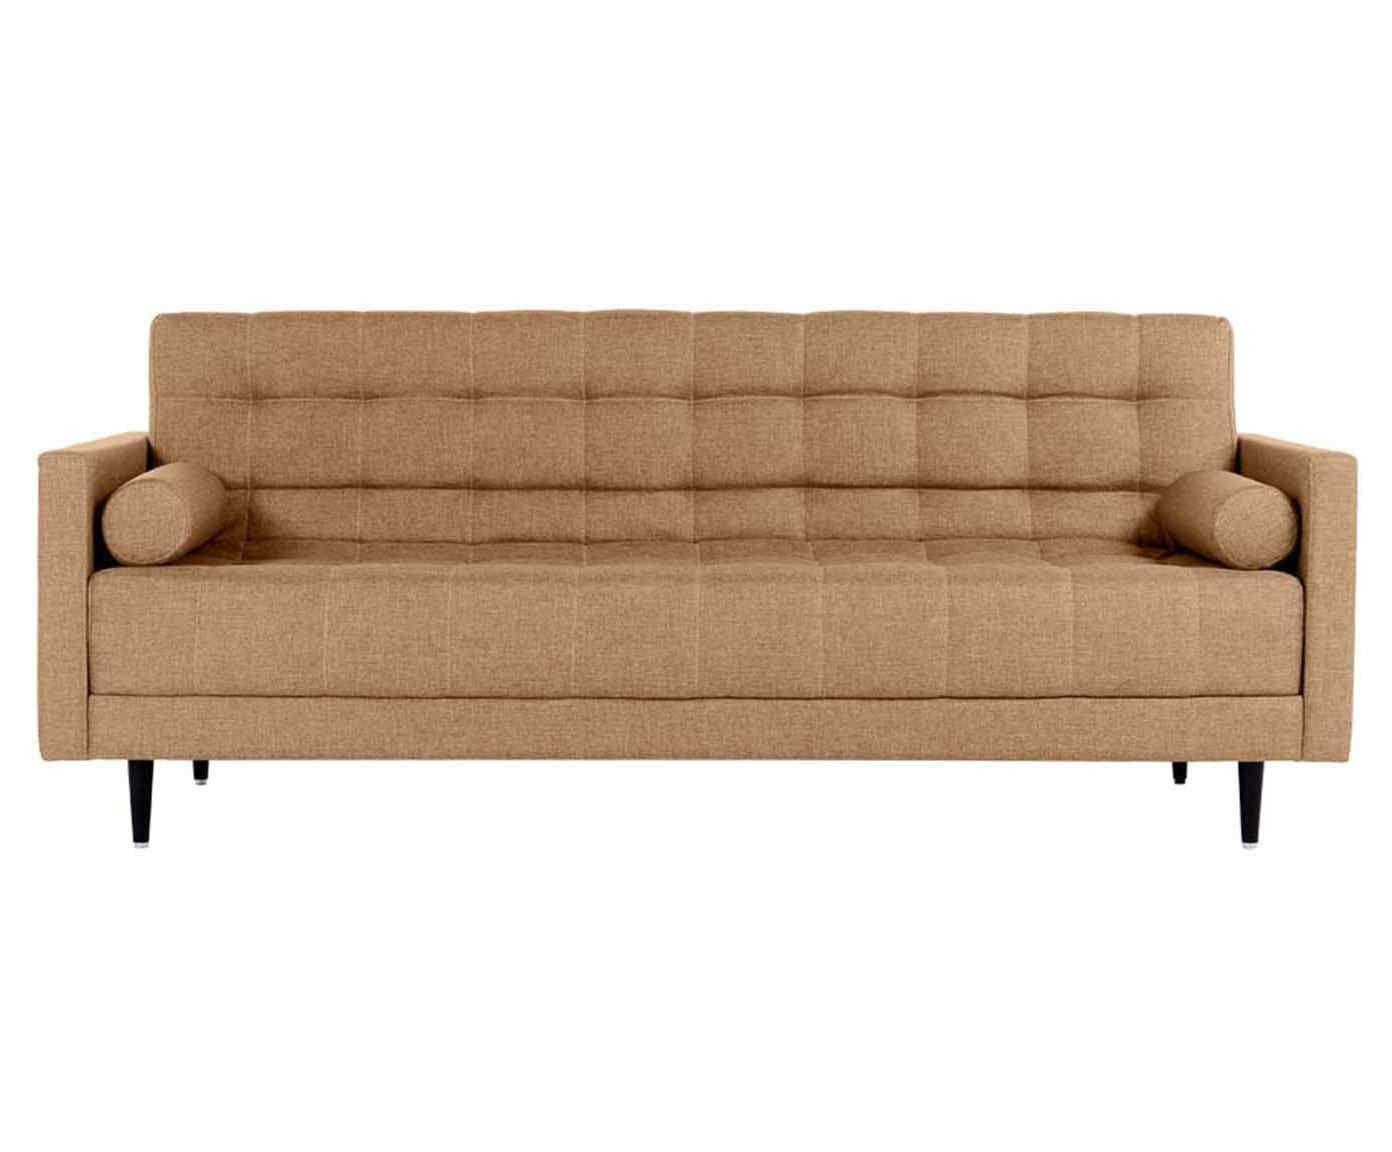 Sofá-cama viena linho - creme | Westwing.com.br